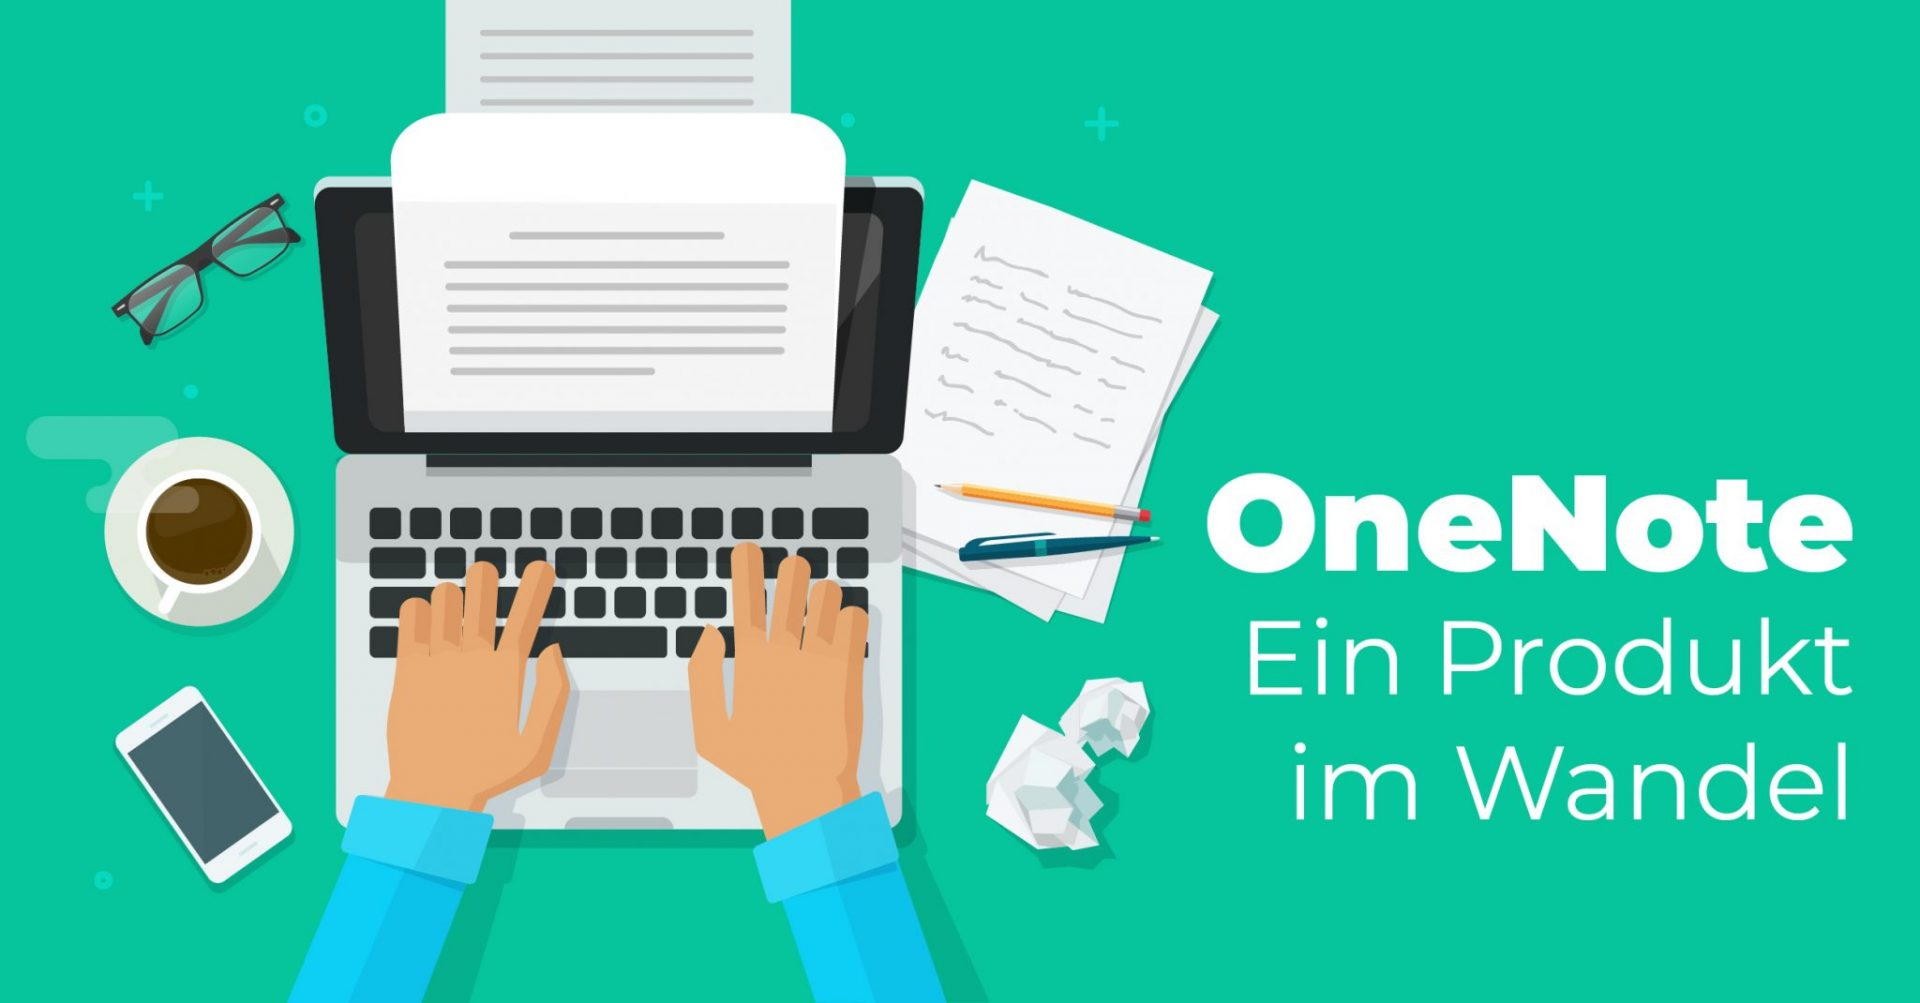 OneNote ist abgekündigt… Nicht ganz!